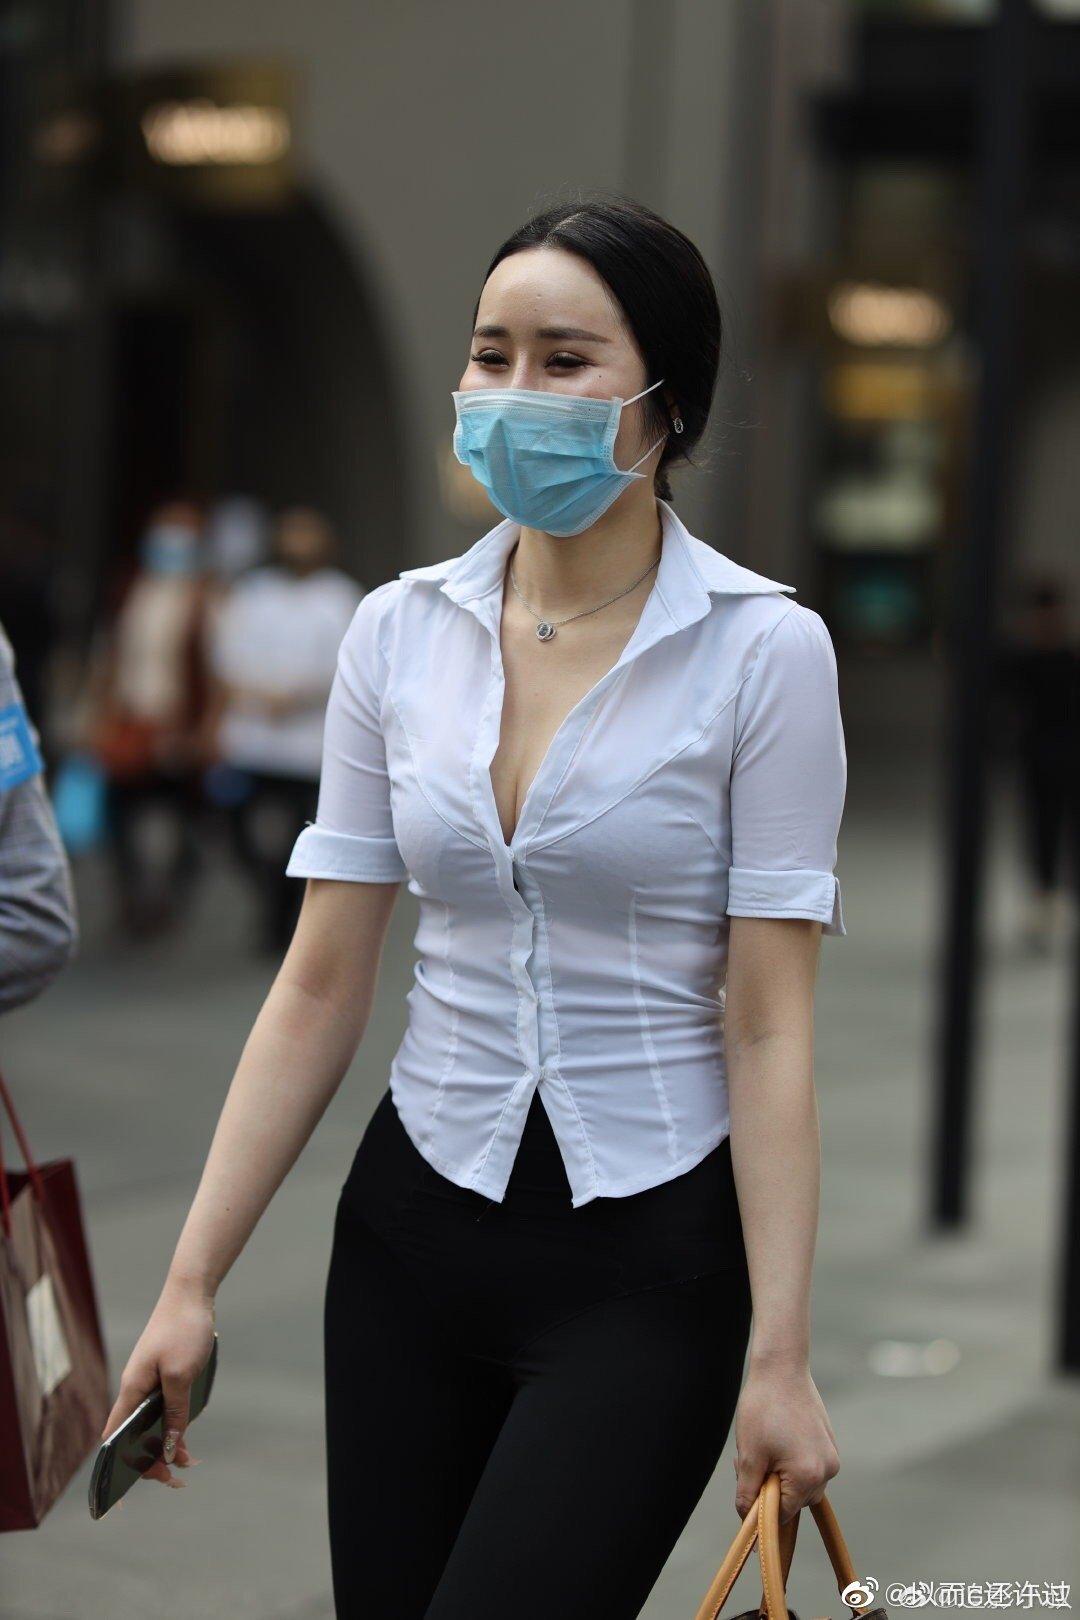 街拍口罩也遮不住白衣少妇开心的笑靥